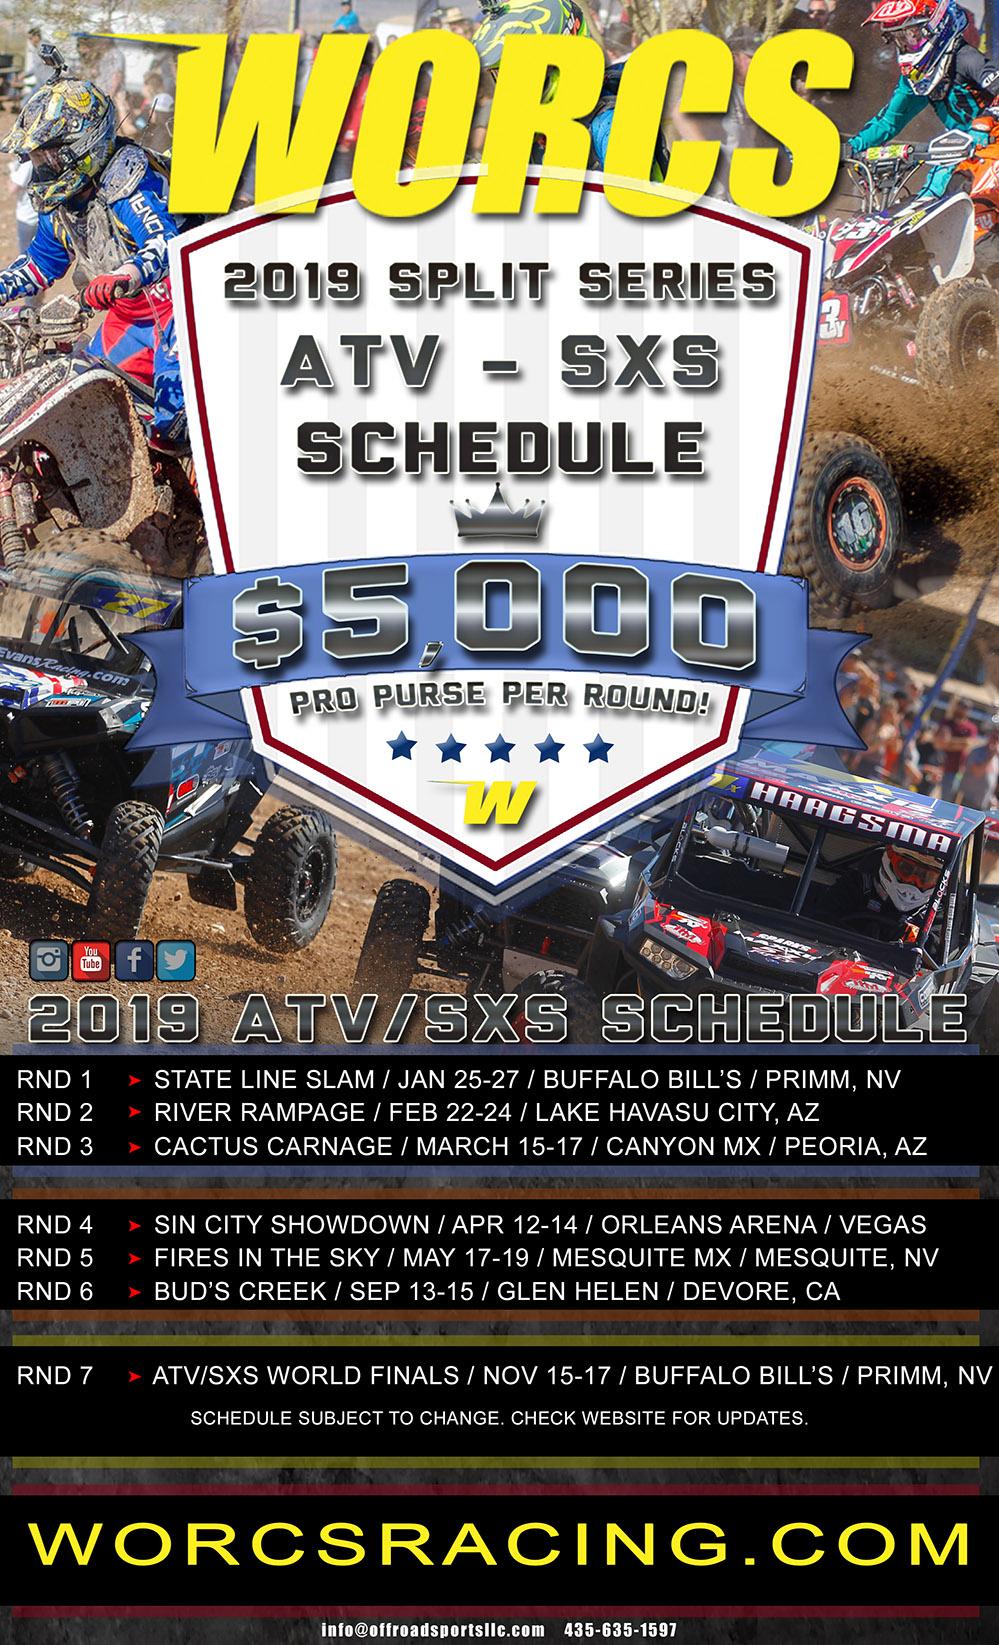 2019 WORCS ATV SXS SCHEDULE